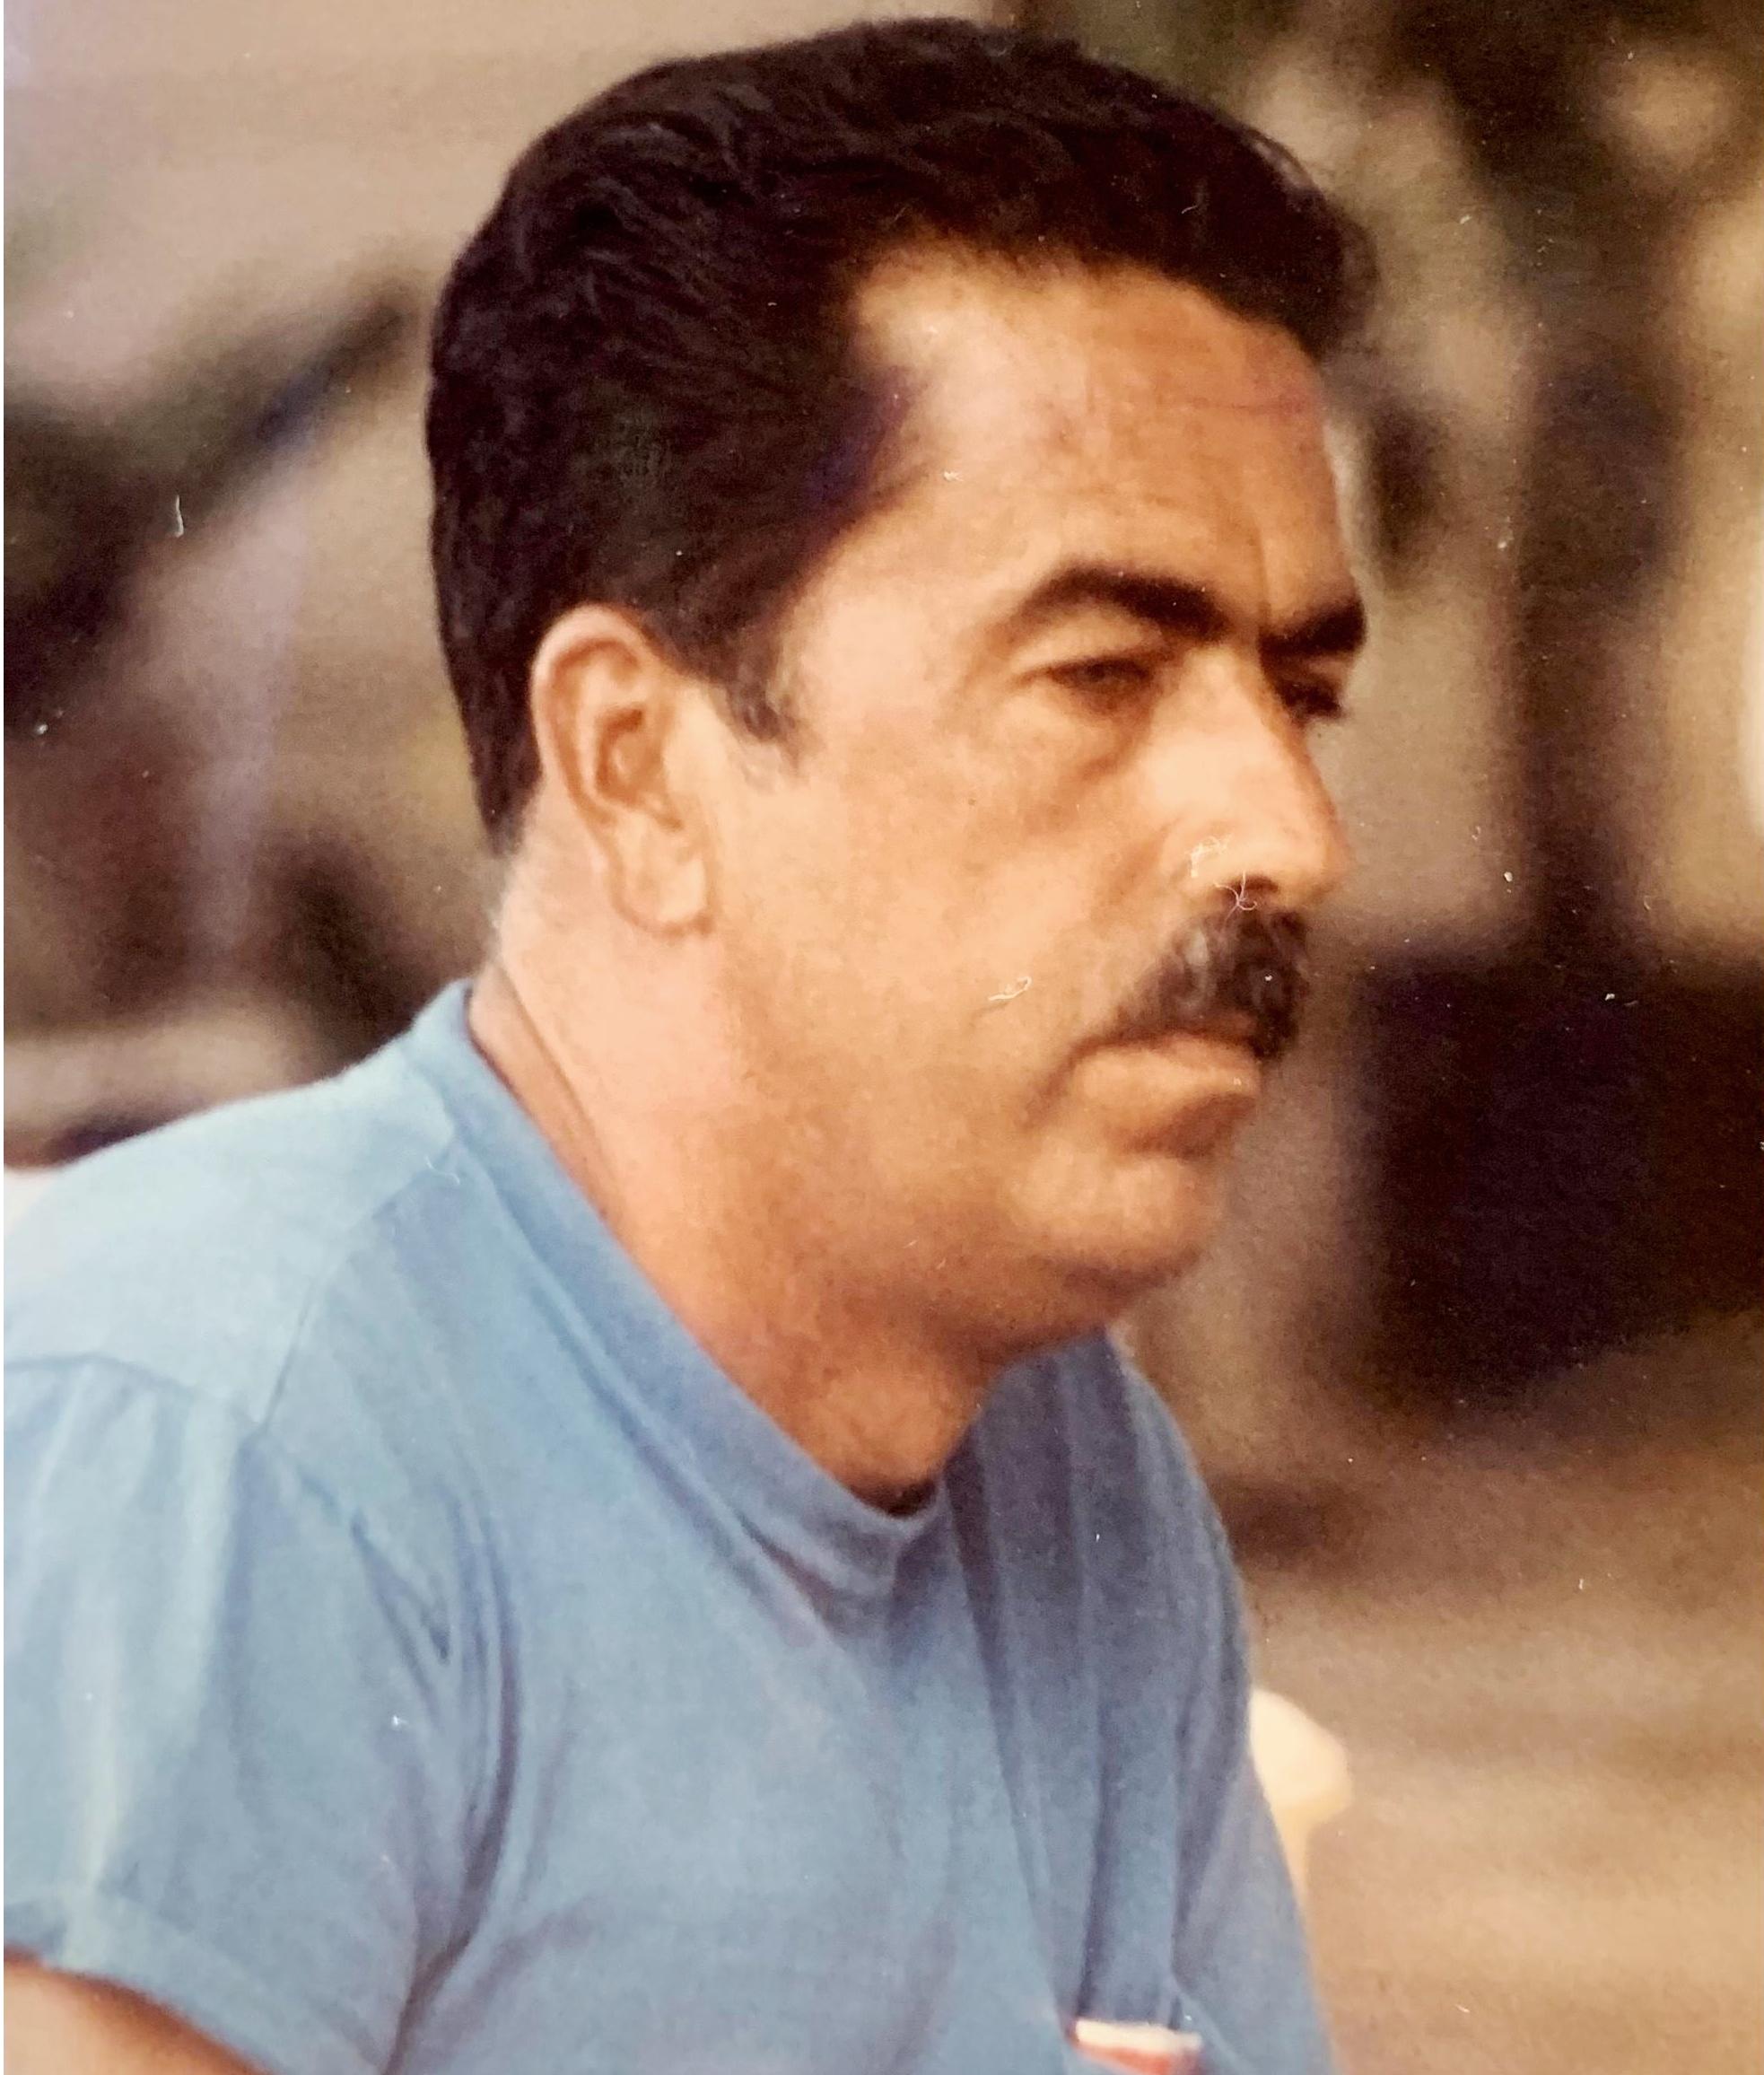 Lyle Medeiros